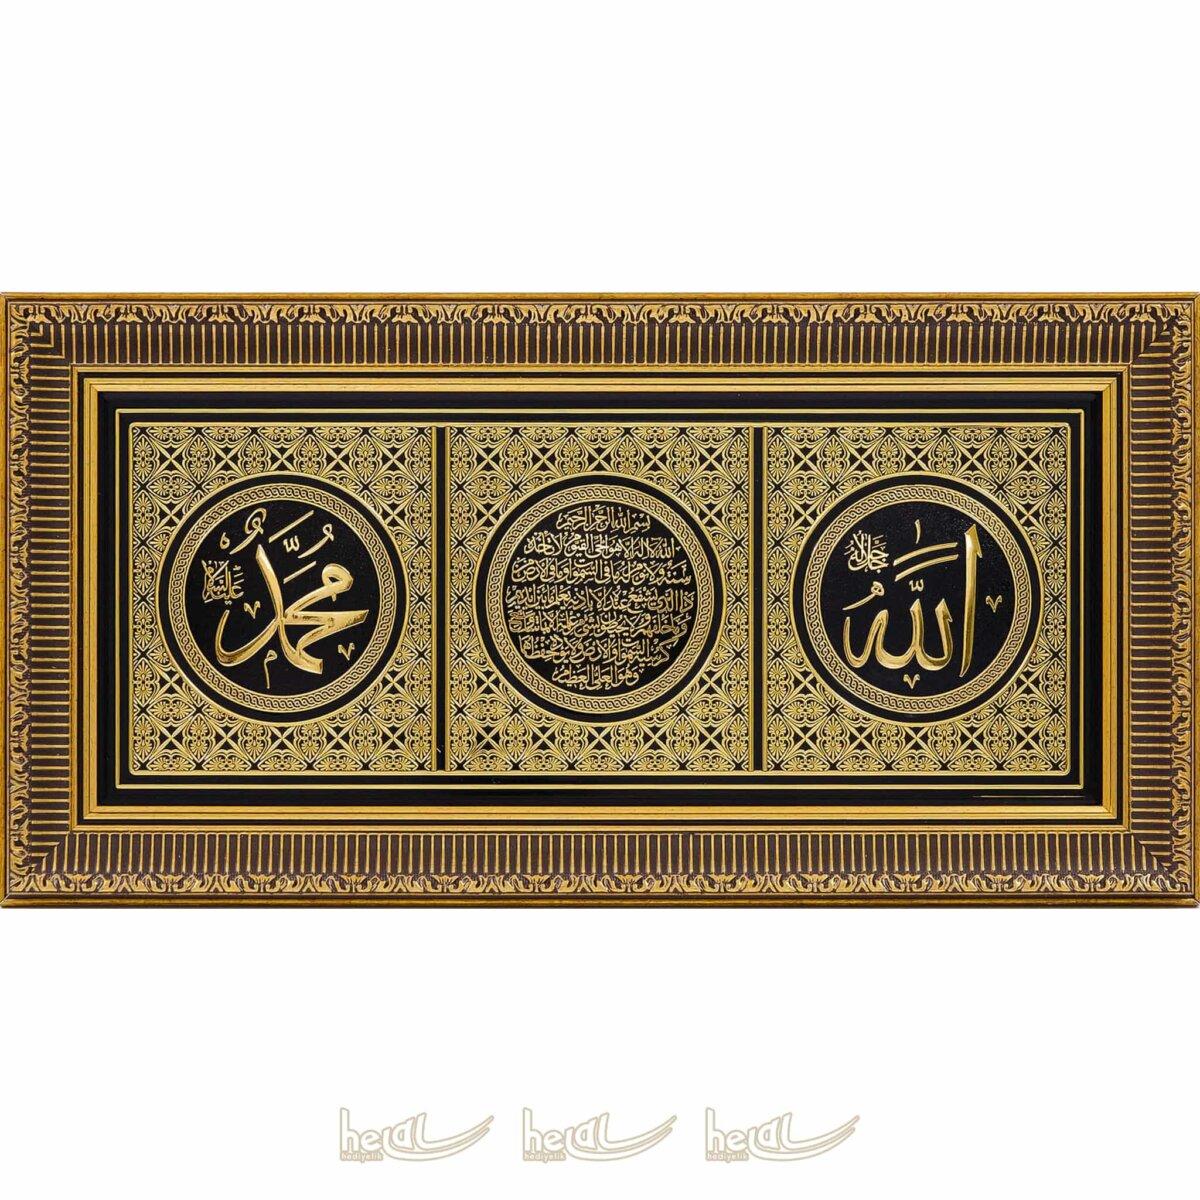 30x60cm Allah cc. – Muhammed sav. Lafzı ve Ayetel Kürsi Yazılı 3′ lü Ayet Çerçeve Tablo 30x60cm Allah cc. – Muhammed sav. Lafzı ve Ayetel Kürsi Yazılı 3′ lü Ayet Çerçeve Tablo